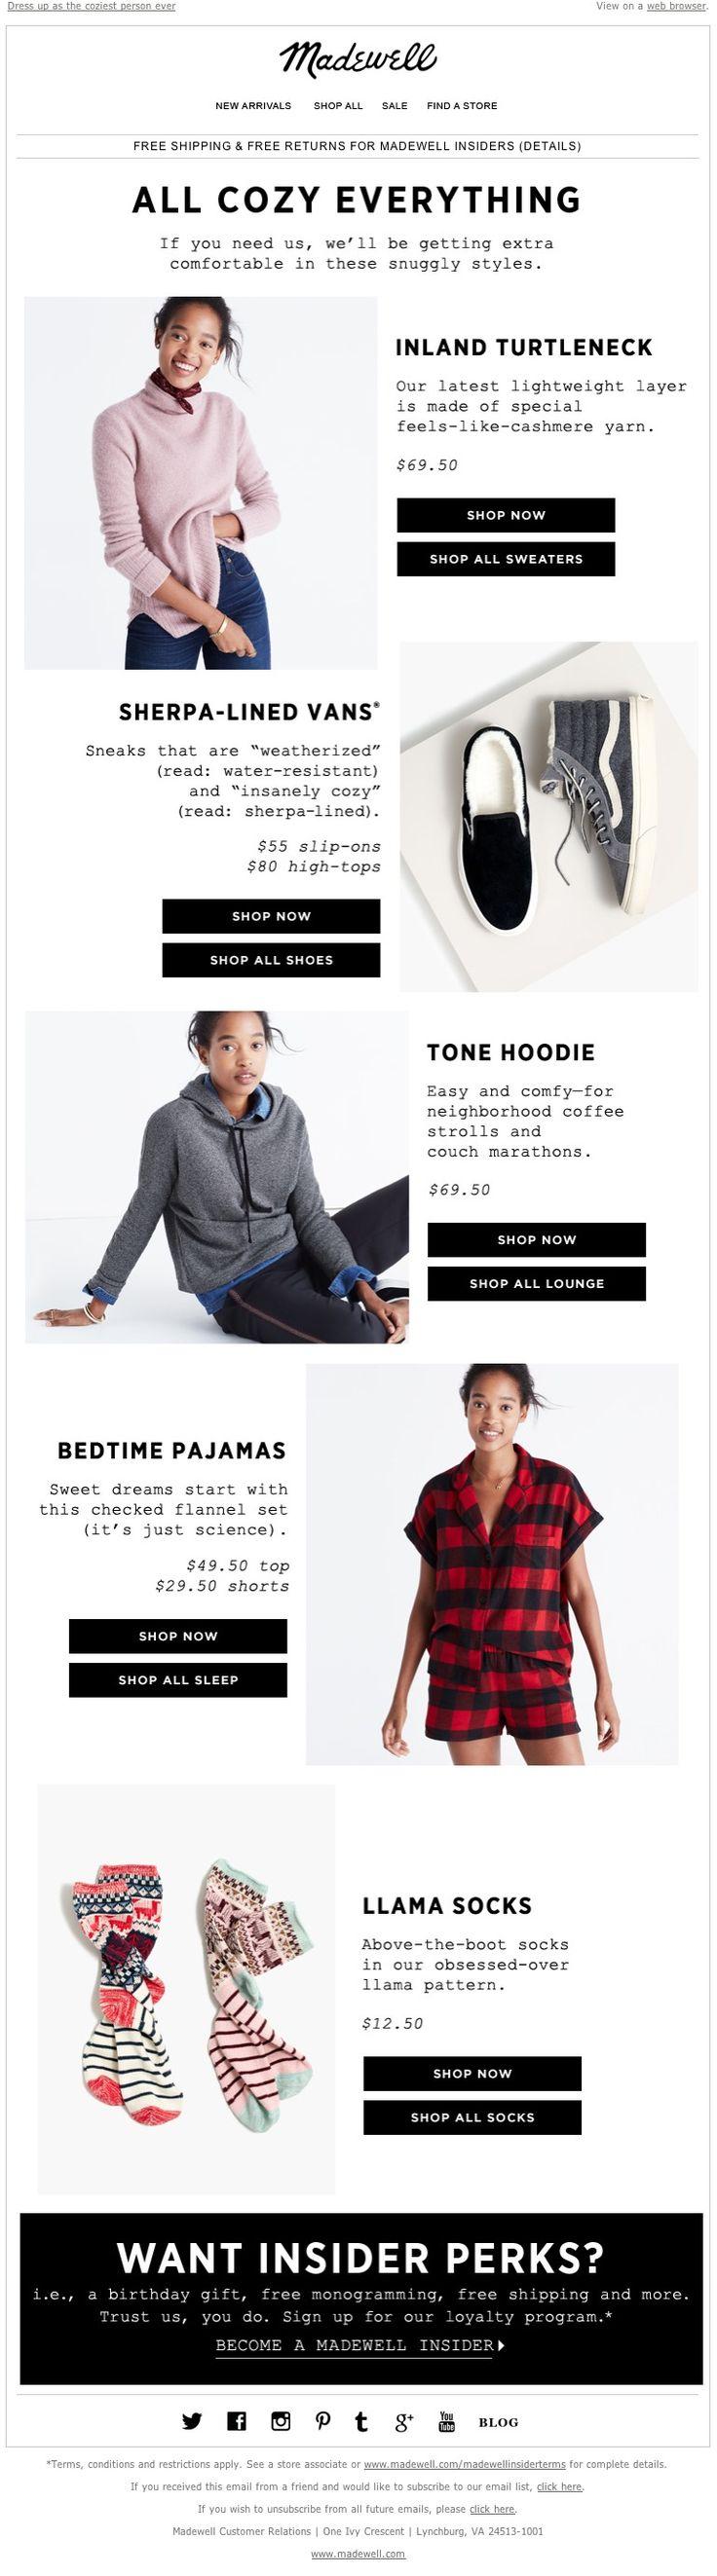 516 best eDM Design images on Pinterest   Email design, Email ...